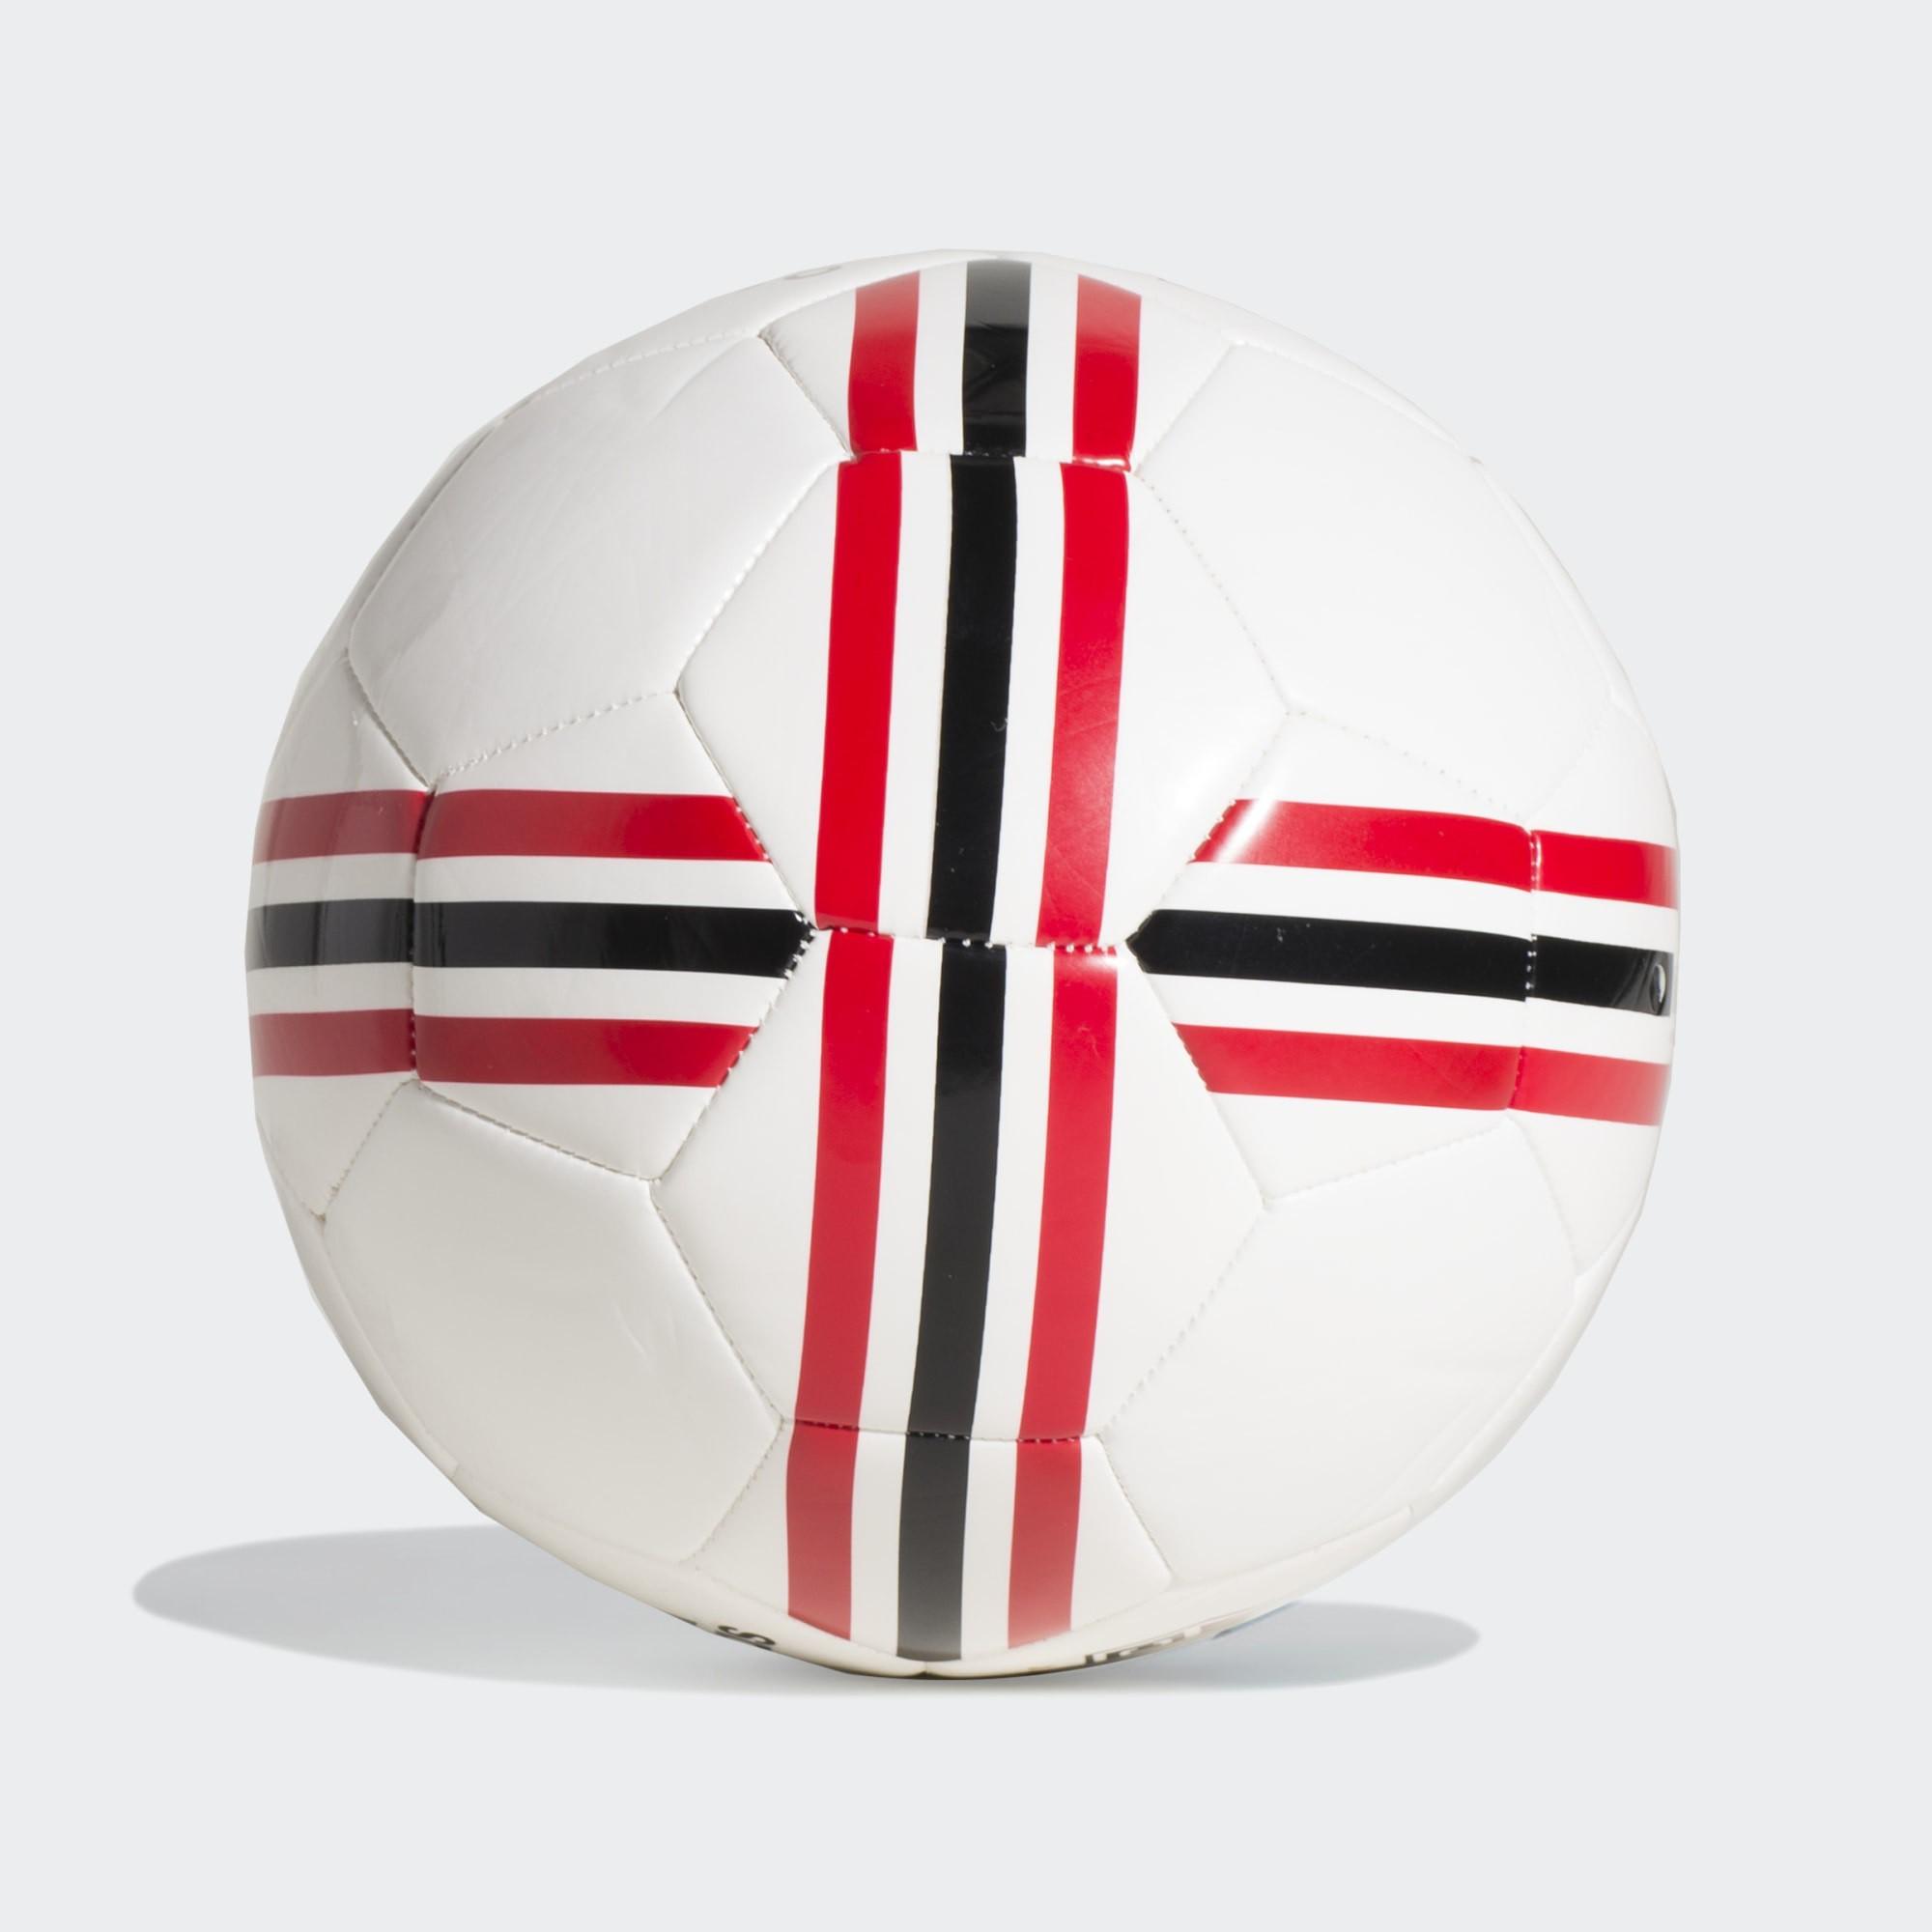 Bola de Futebol Campo Adidas São Paulo Futebol Clube